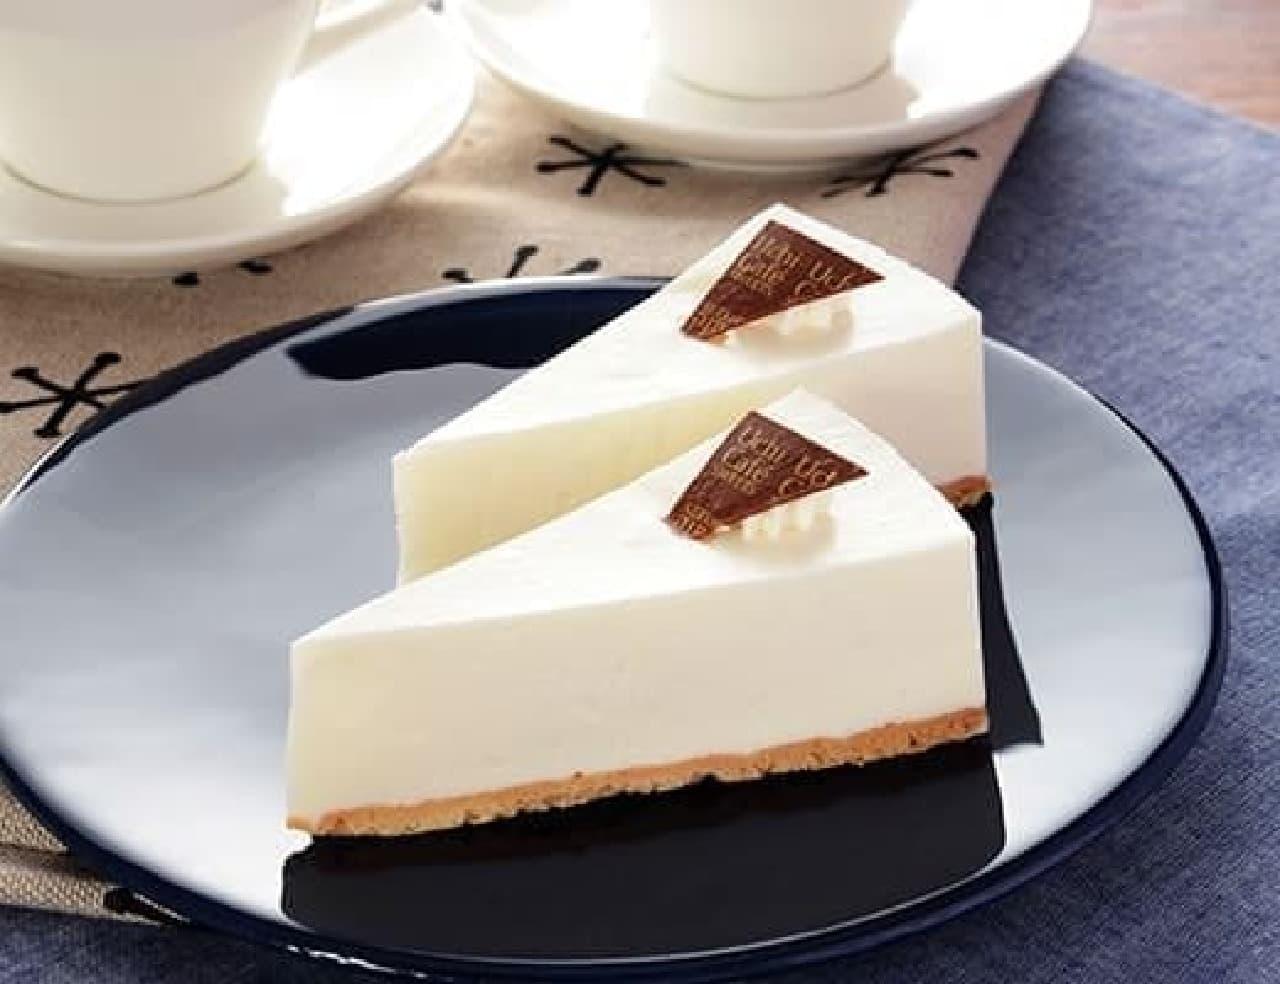 ローソン「レアチーズケーキ 2個入」